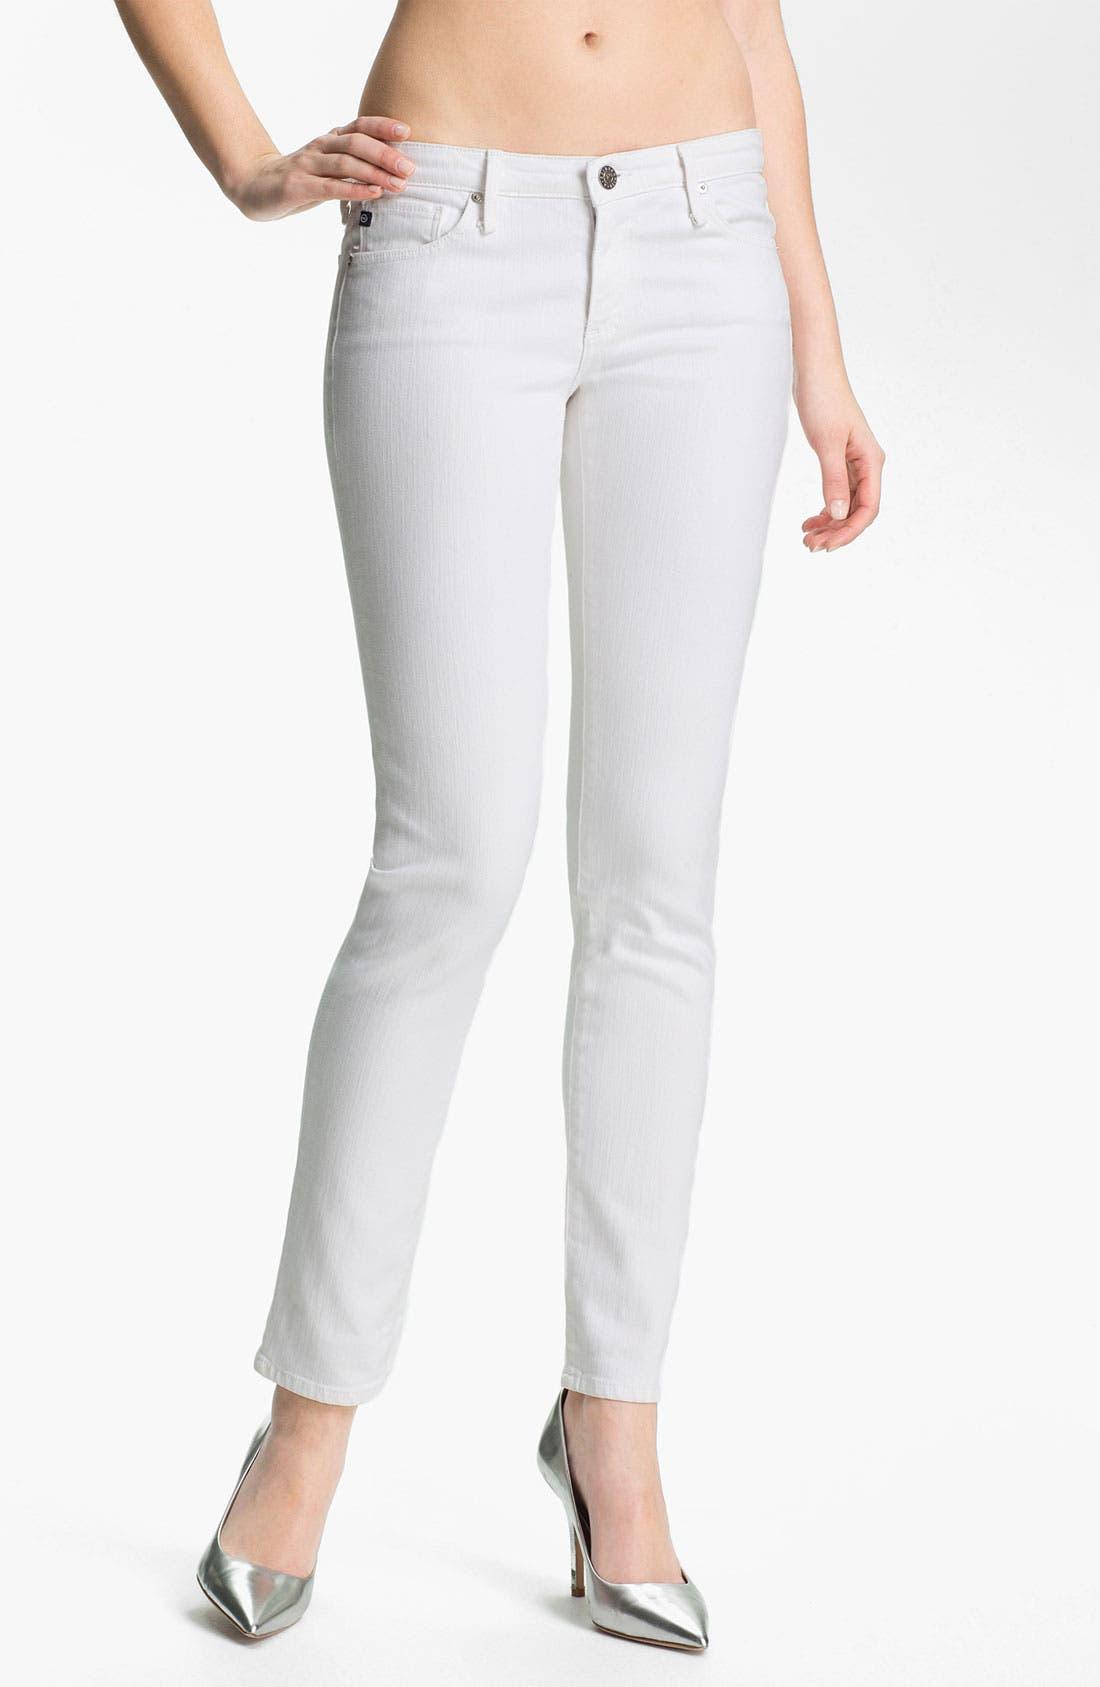 Main Image - AG Jeans 'Stilt' Cigarette Leg Stretch Jeans (White)